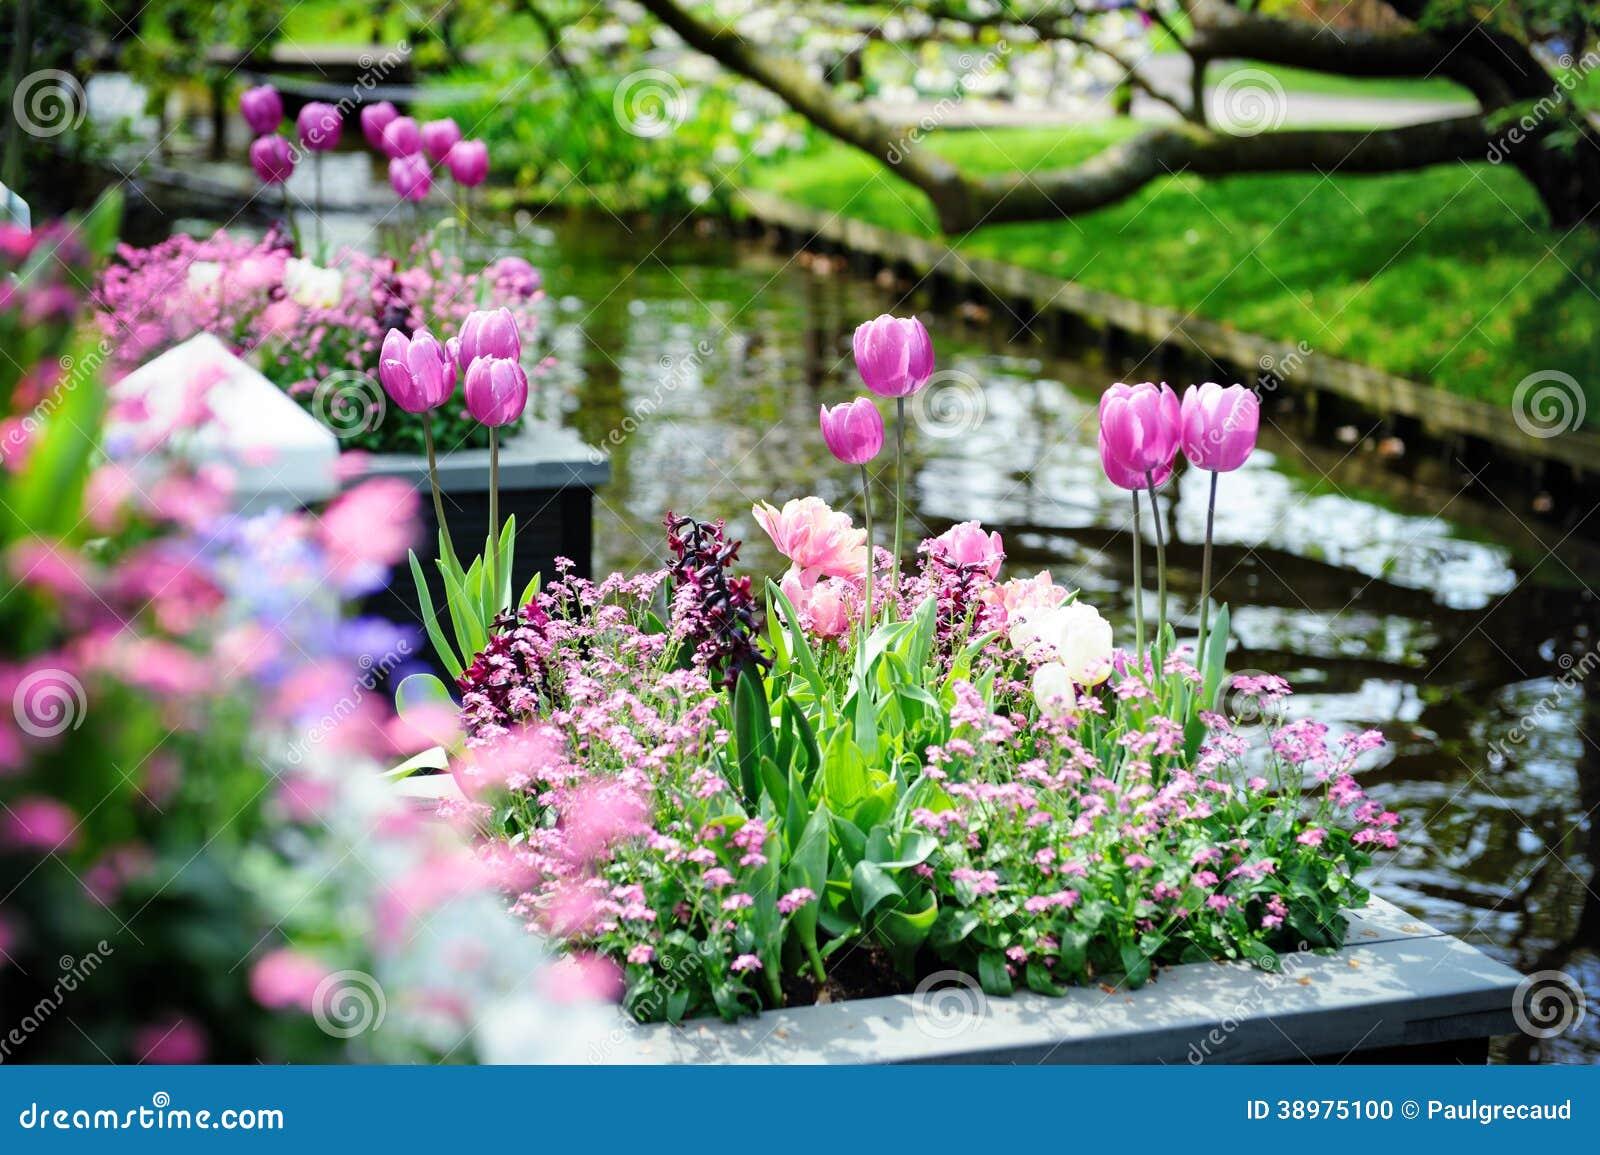 Image gallery jardines de flores hermosas for Imagenes de jardines de casas